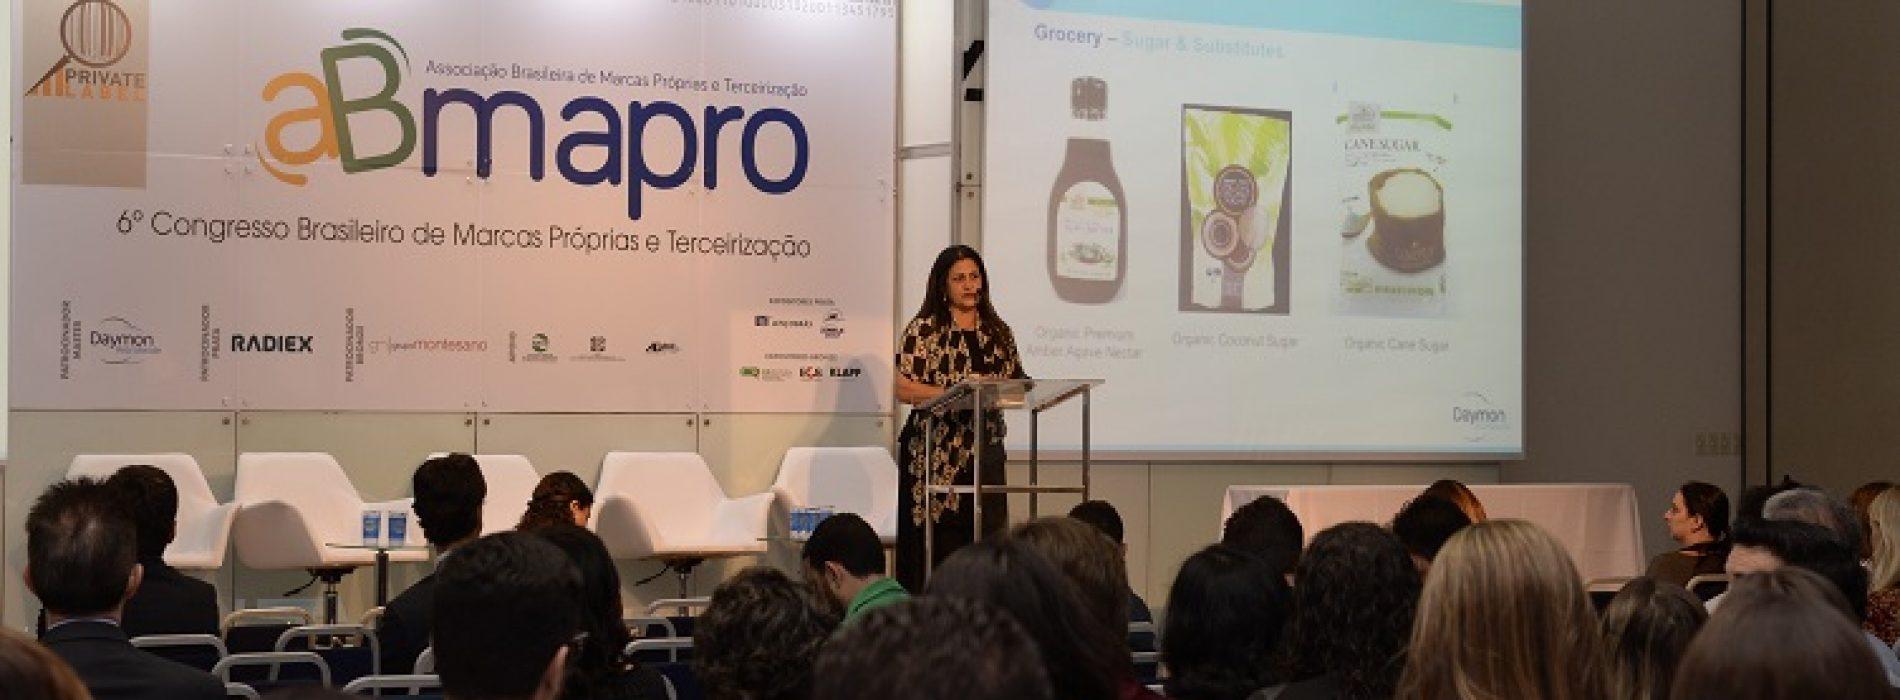 Primeiro dia do 6º Congresso Brasileiro de Marcas Próprias e Terceirização destaca cenário oportuno do setor no país